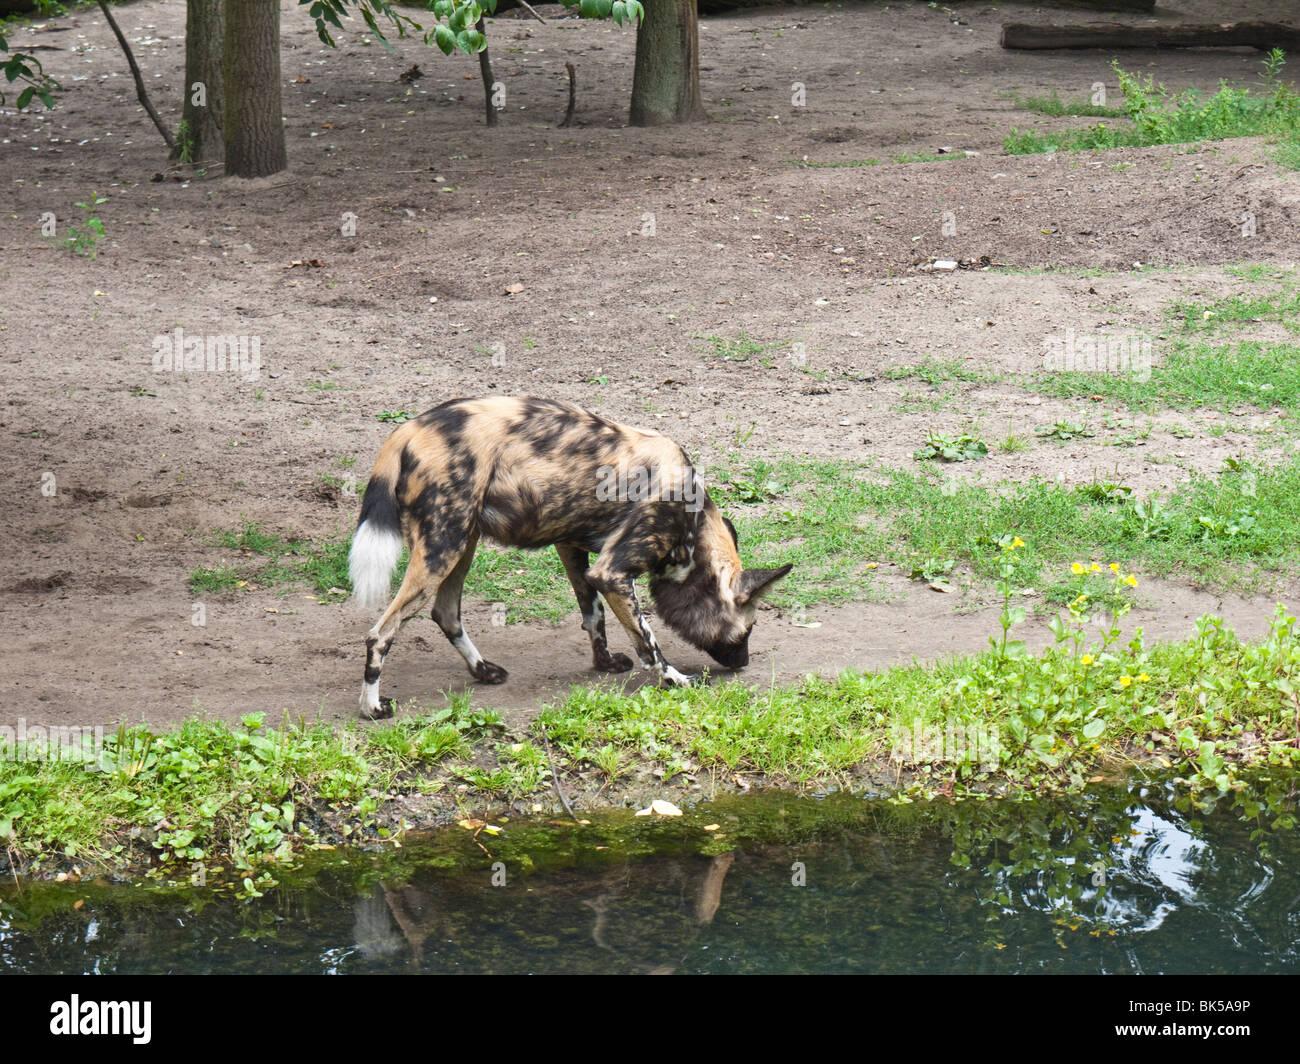 African Wild Dod at the Zoologischer Garten Berlin - Berlin Zoo, Tiergarten, Berlin, Germany - Stock Image